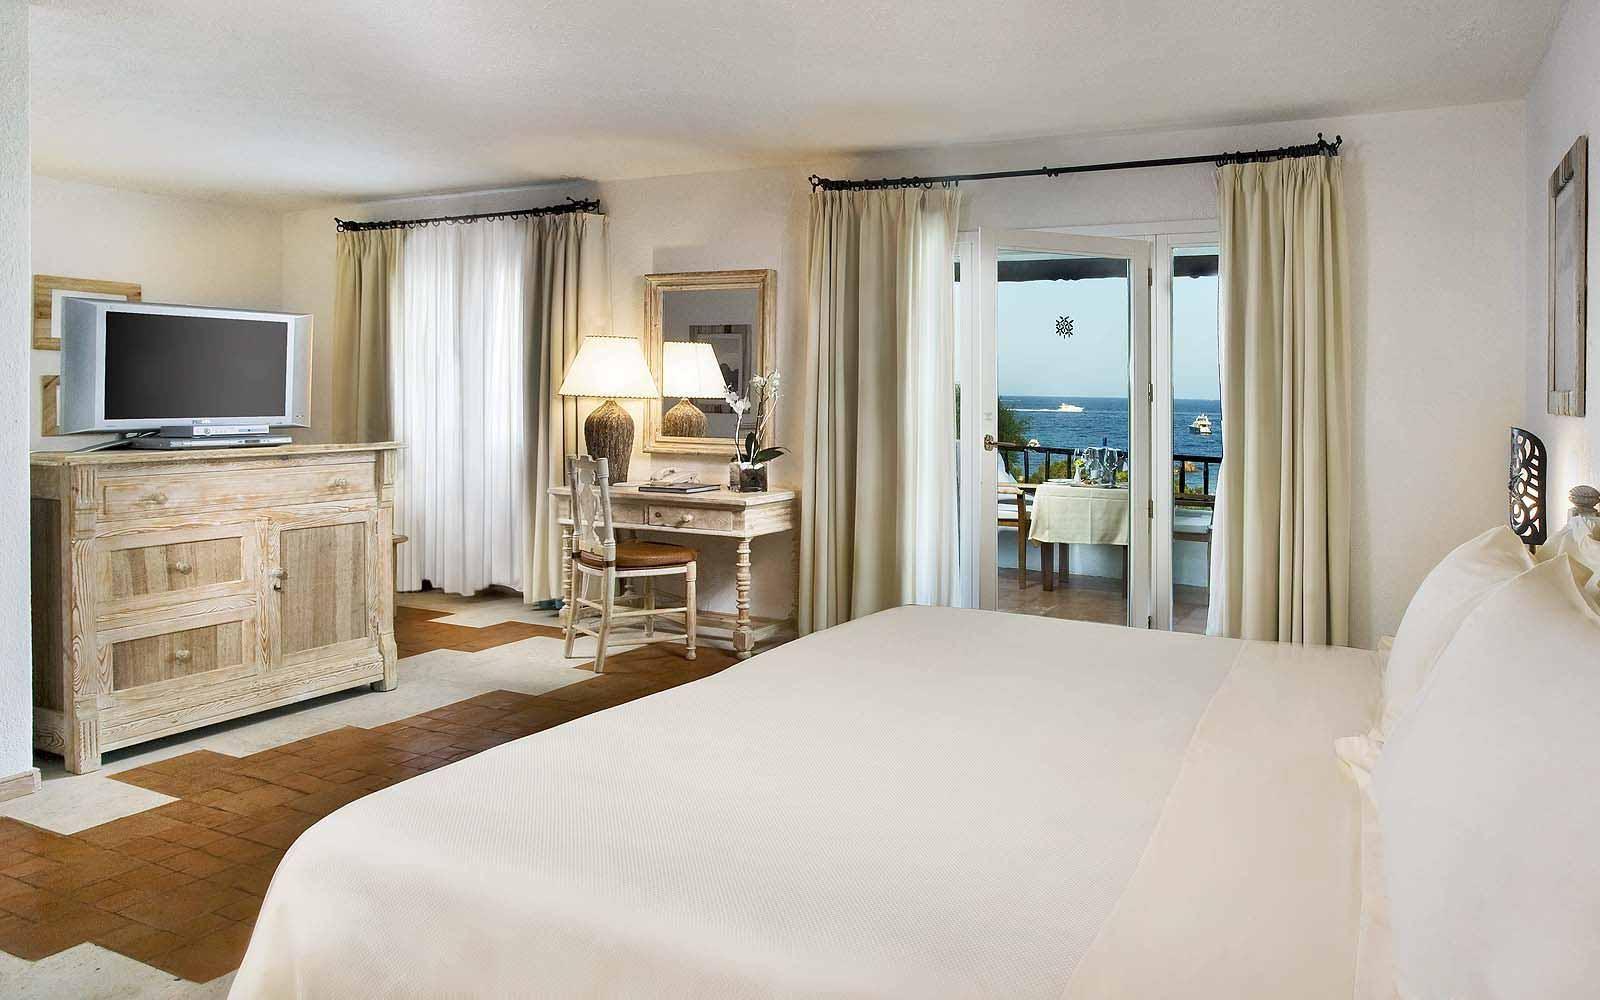 A Junior Suite at the Hotel Romazzino